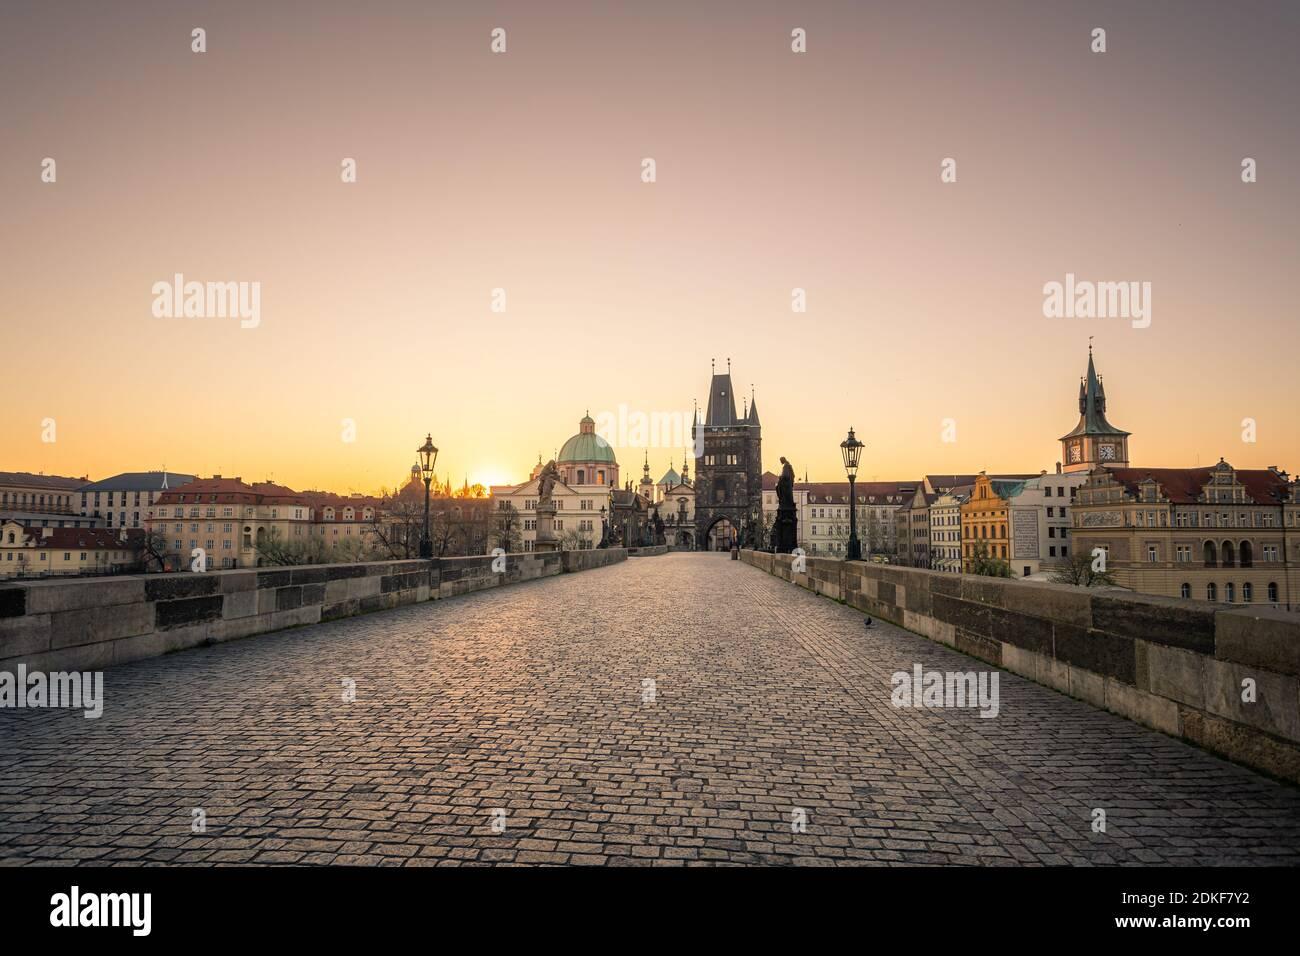 Pont Charles au lever du soleil, tour du pont de la vieille ville, Prague UNESCO, république tchèque, Europe - Vieille ville Banque D'Images